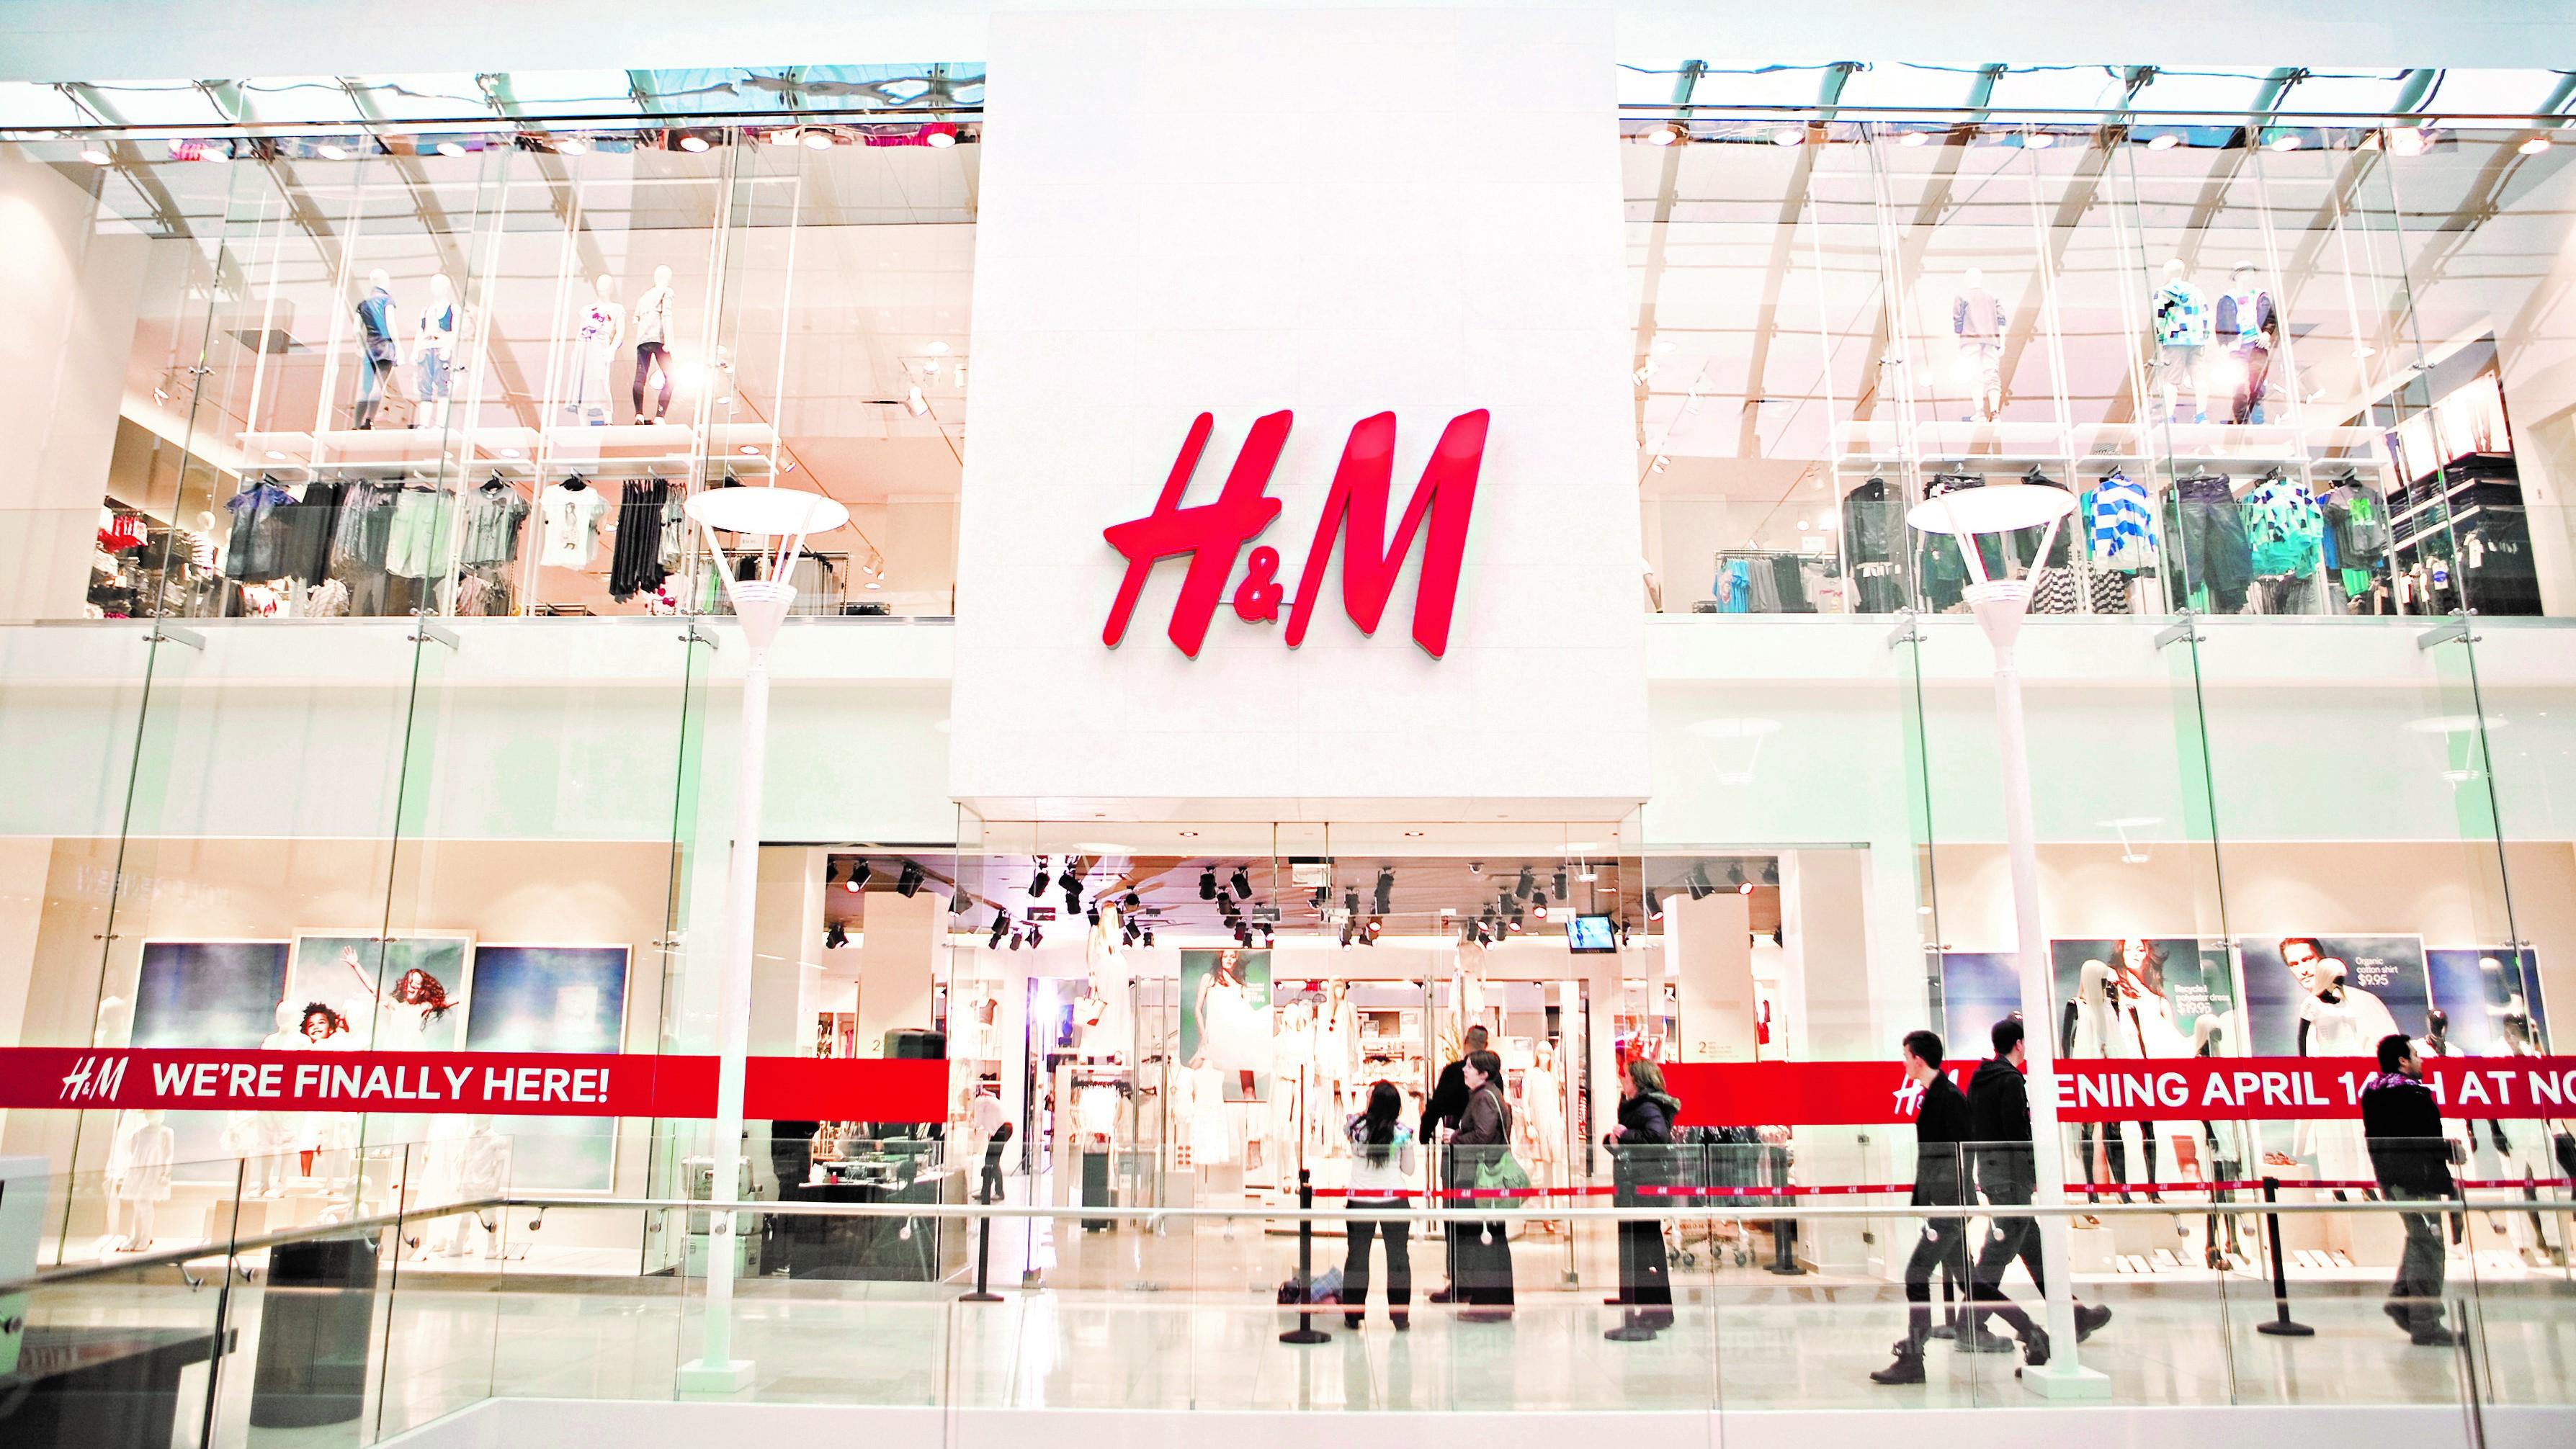 h&m ủng hộ quỹ đoàn kết cứu trợ covid 19